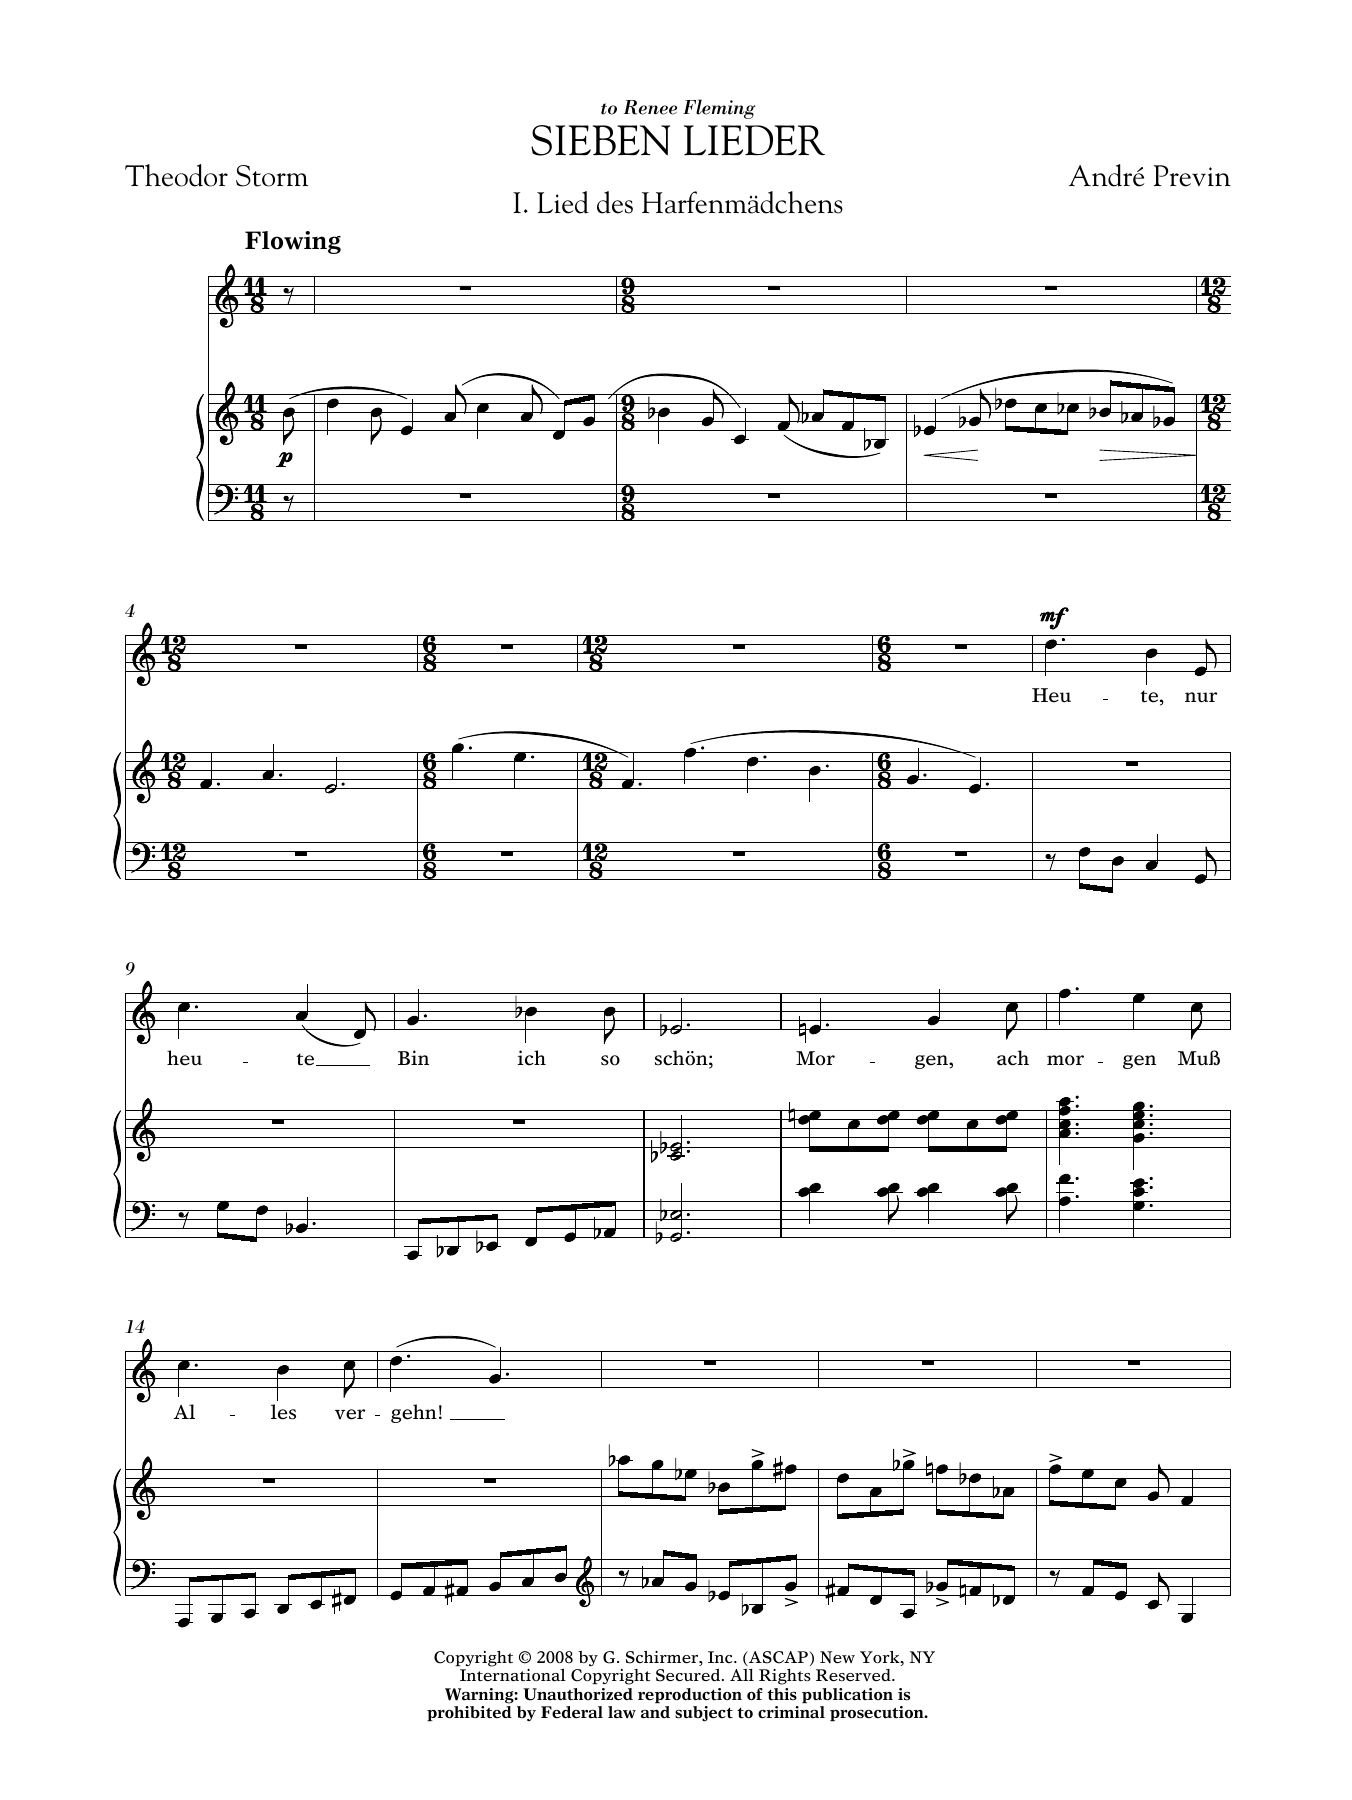 André Previn: Sieben Lieder